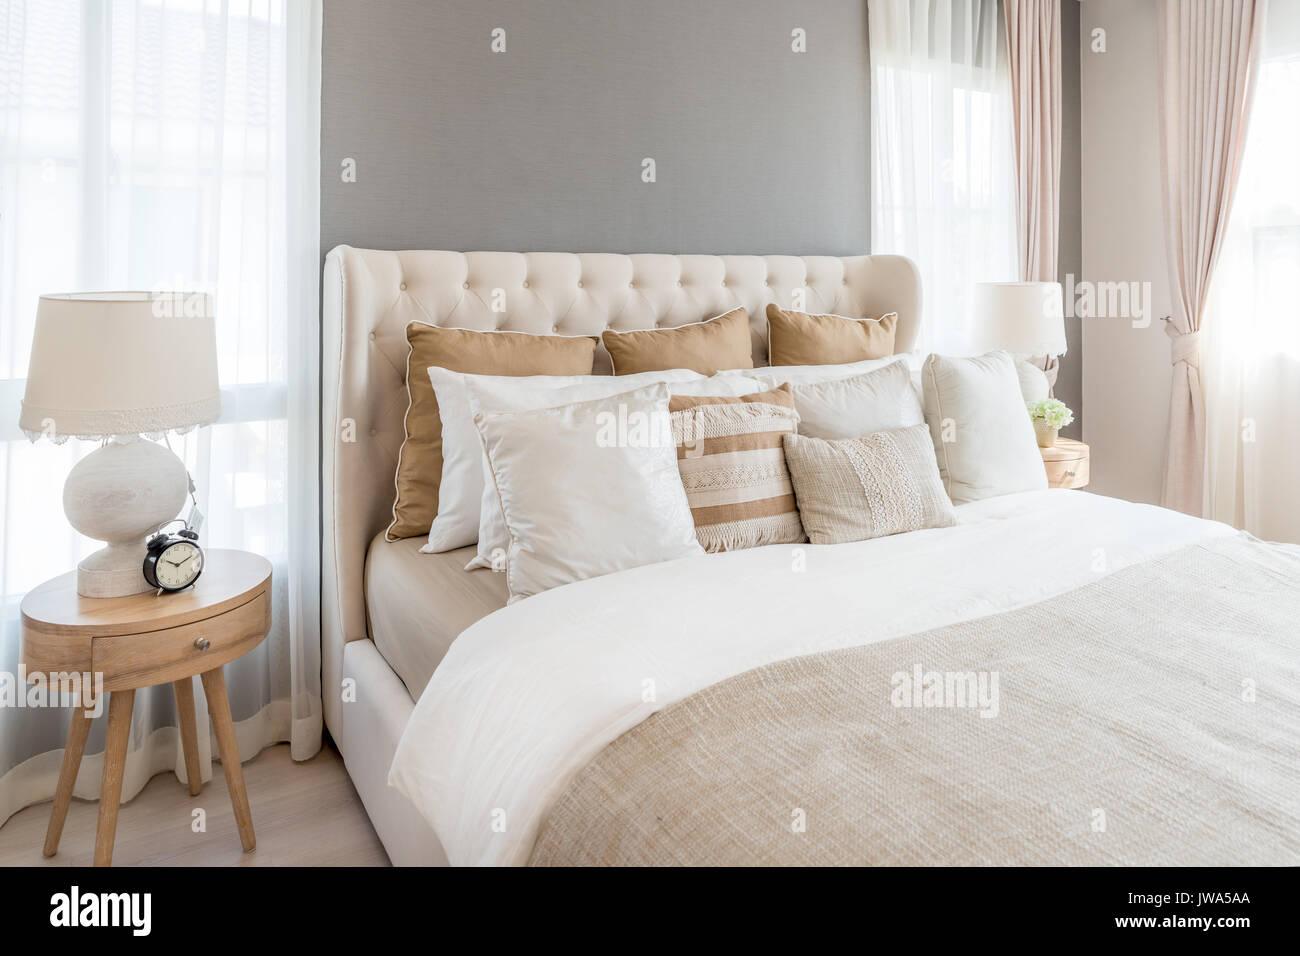 Schon Schlafzimmer In Warmen Hellen Farben. Großes Bequemes Doppelbett Im  Eleganten Klassischen Schlafzimmer Zu Hause.